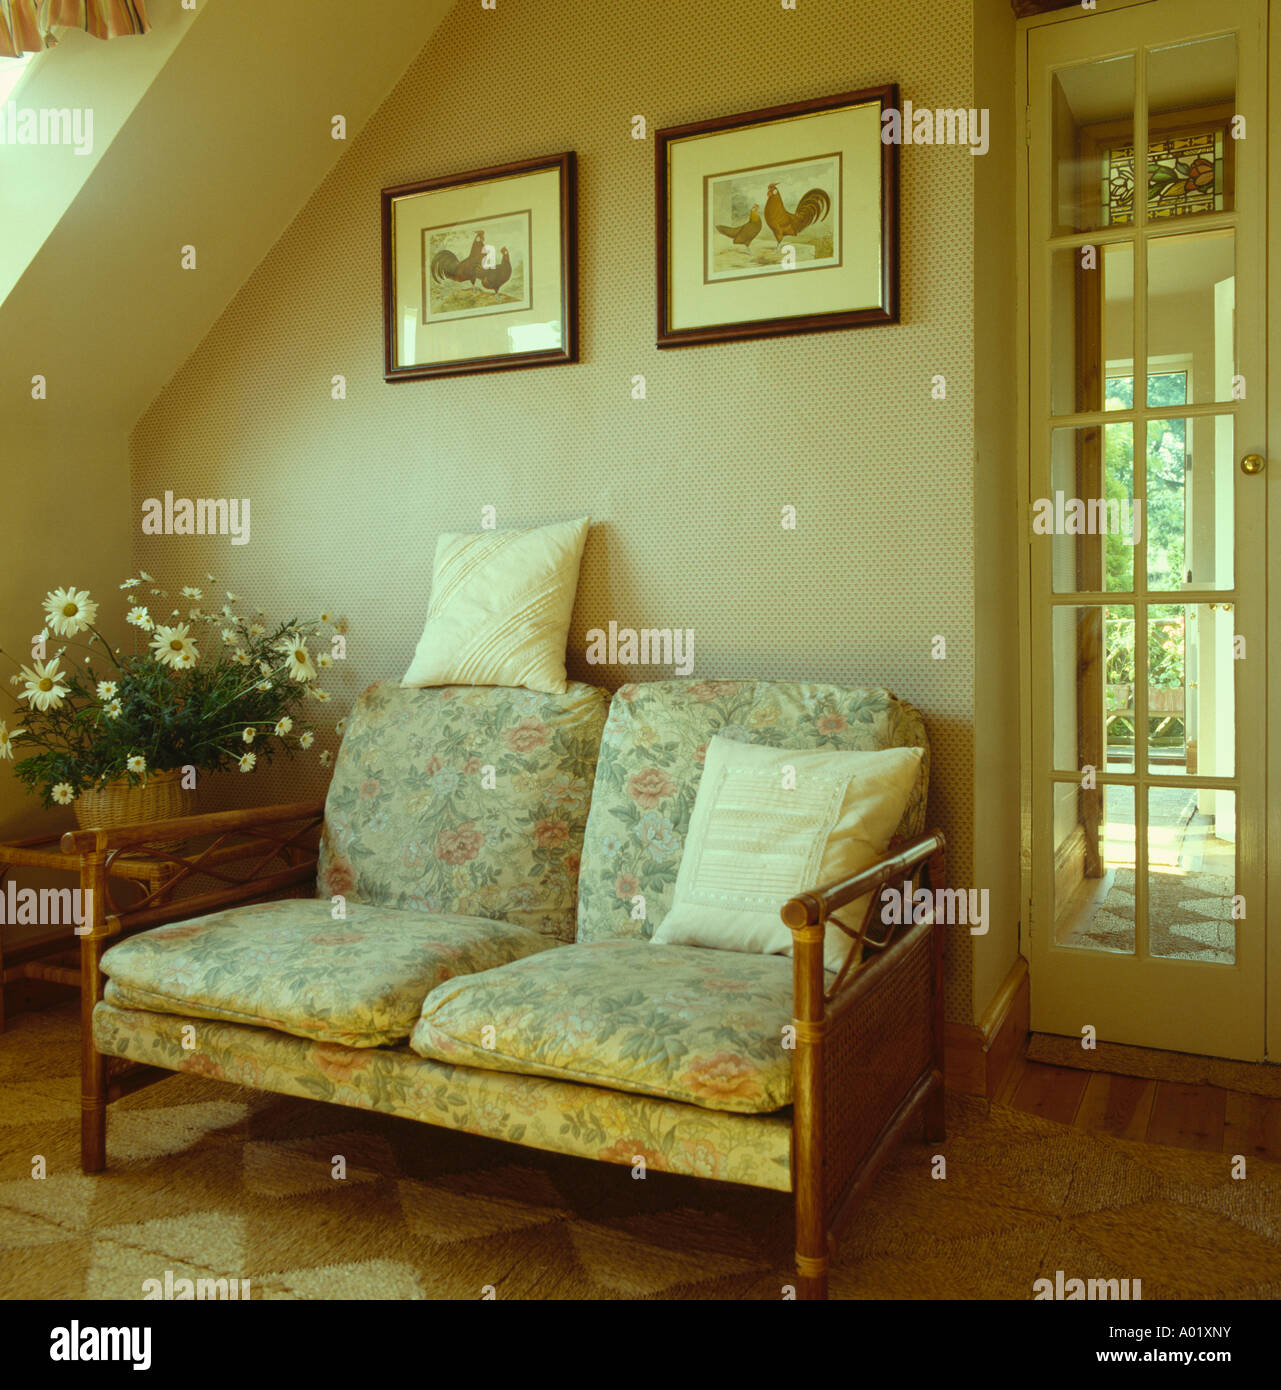 Kleines Sofa Mit Kissen Und Hölzernen Armen Unter Bild In Neutralen Wohnzimmer  Landhaus Stockbild